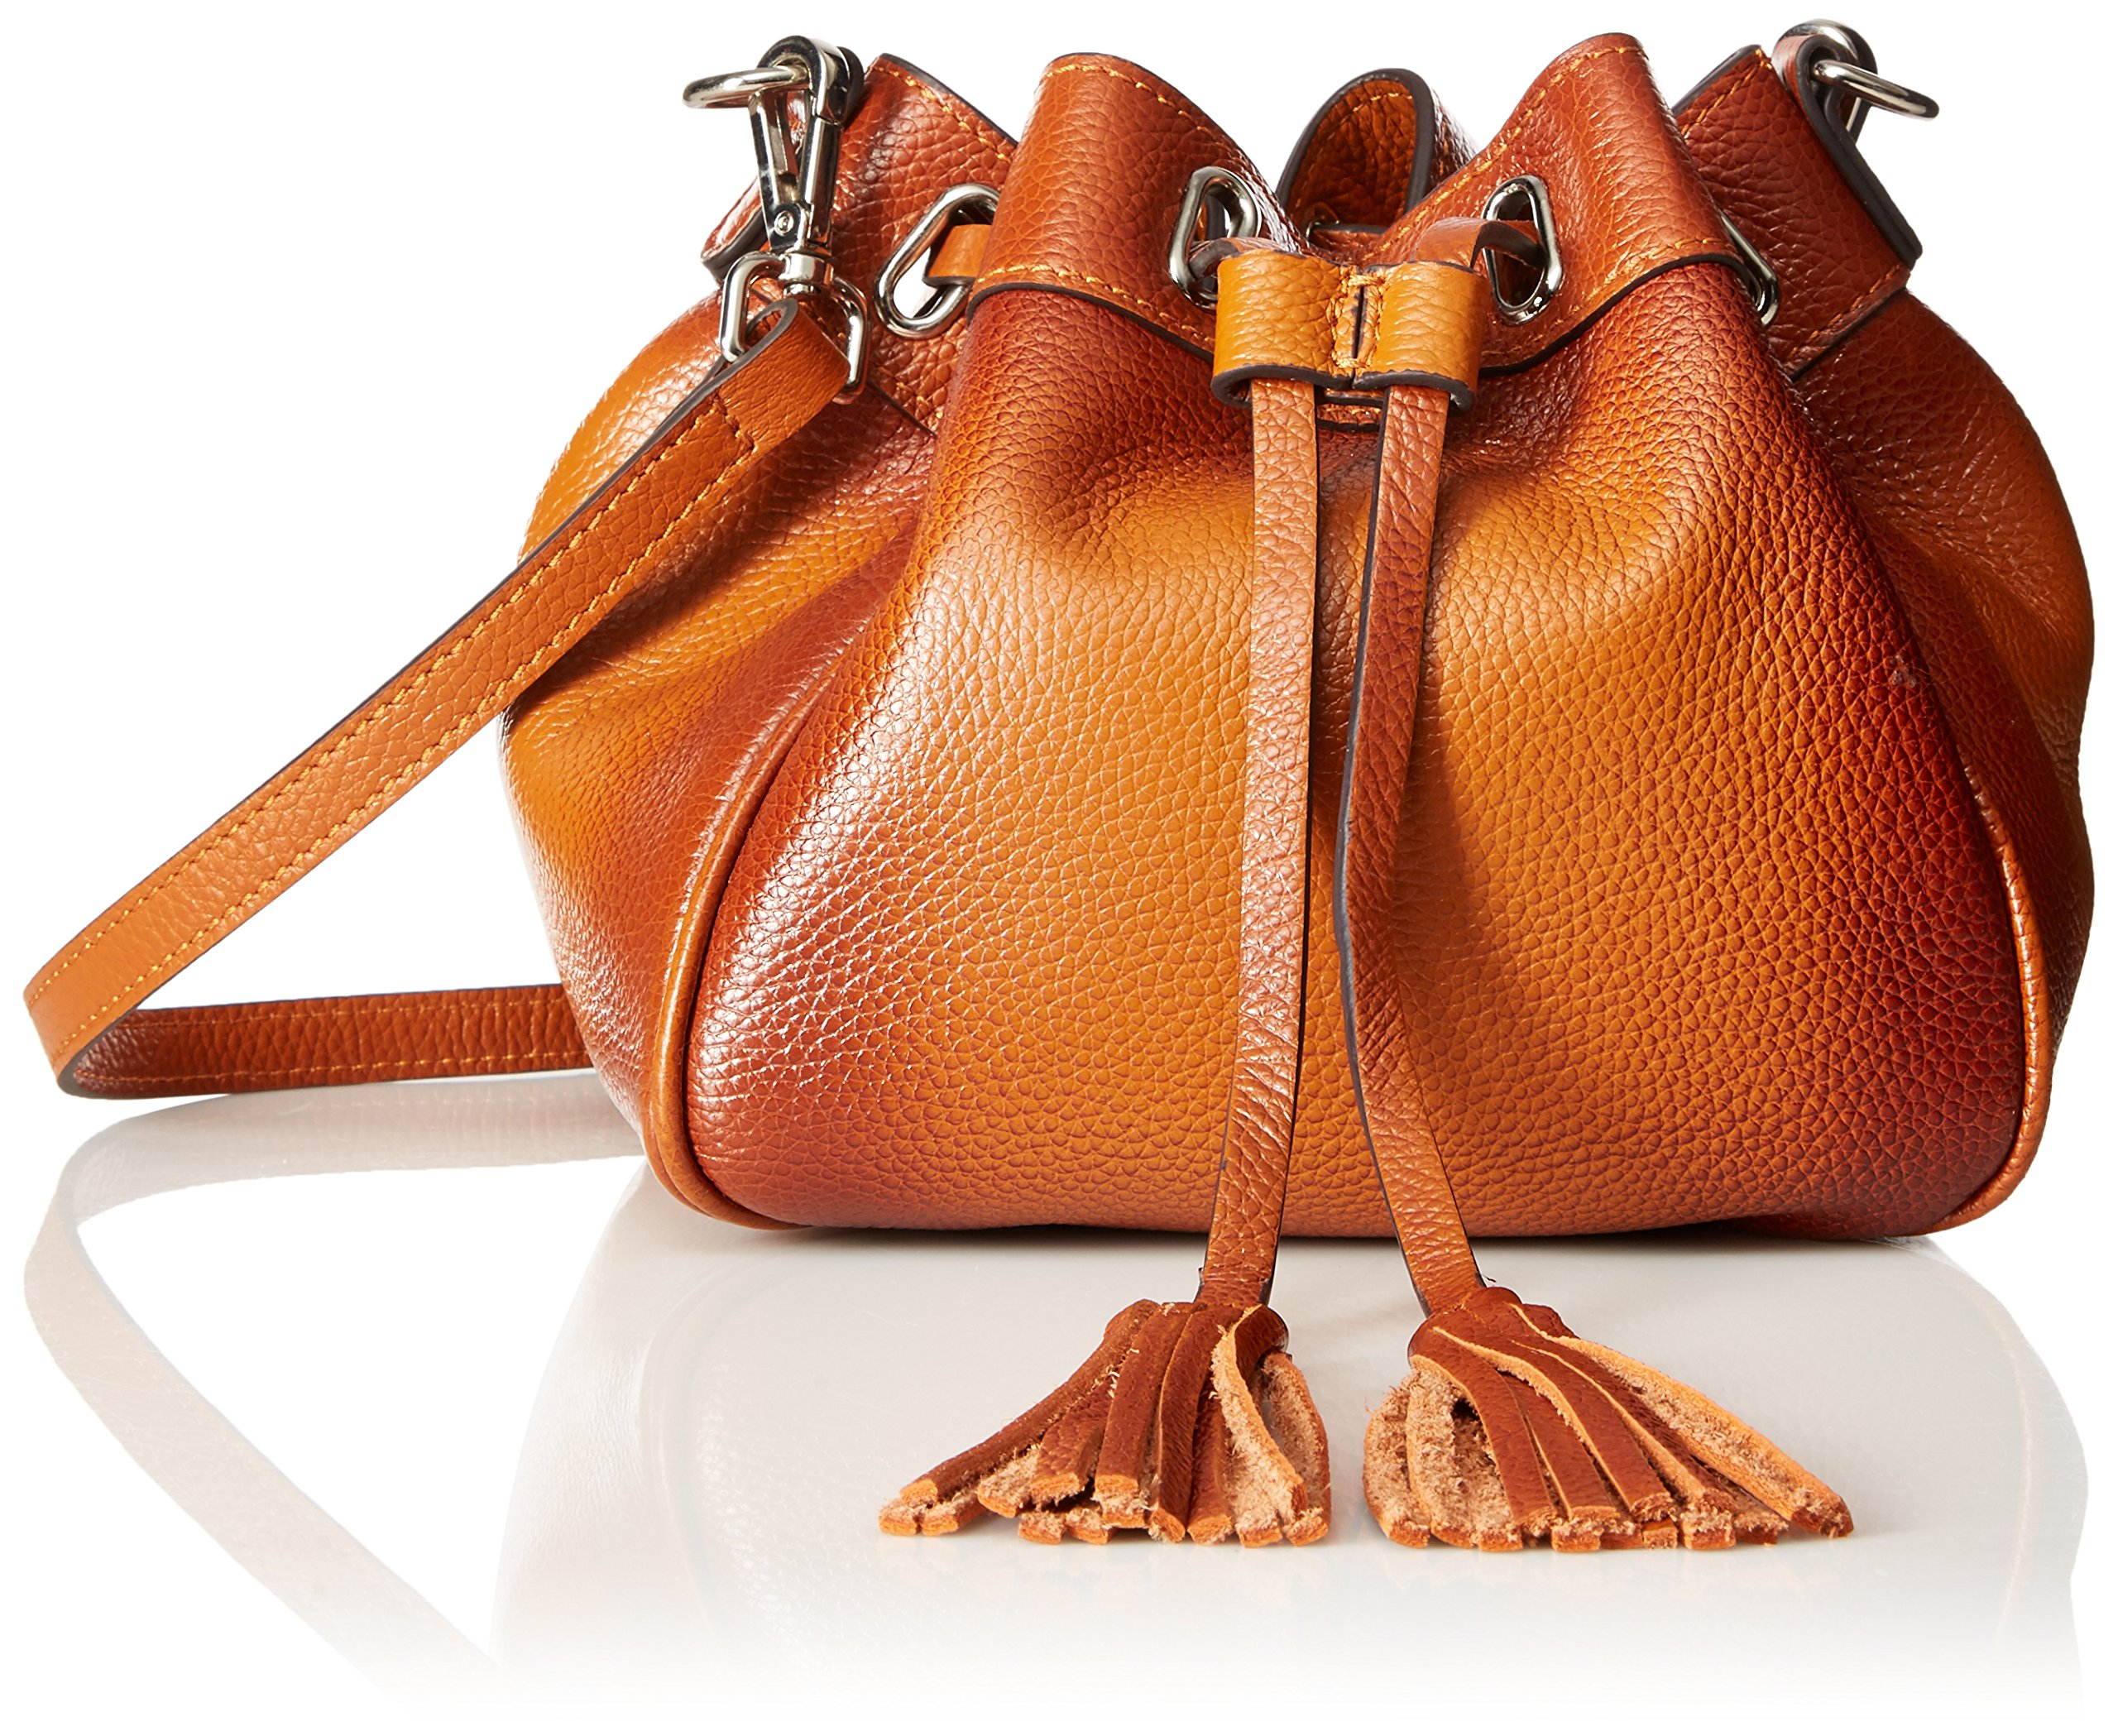 Vicenzo Leather Jolie Mini Bucket Bag